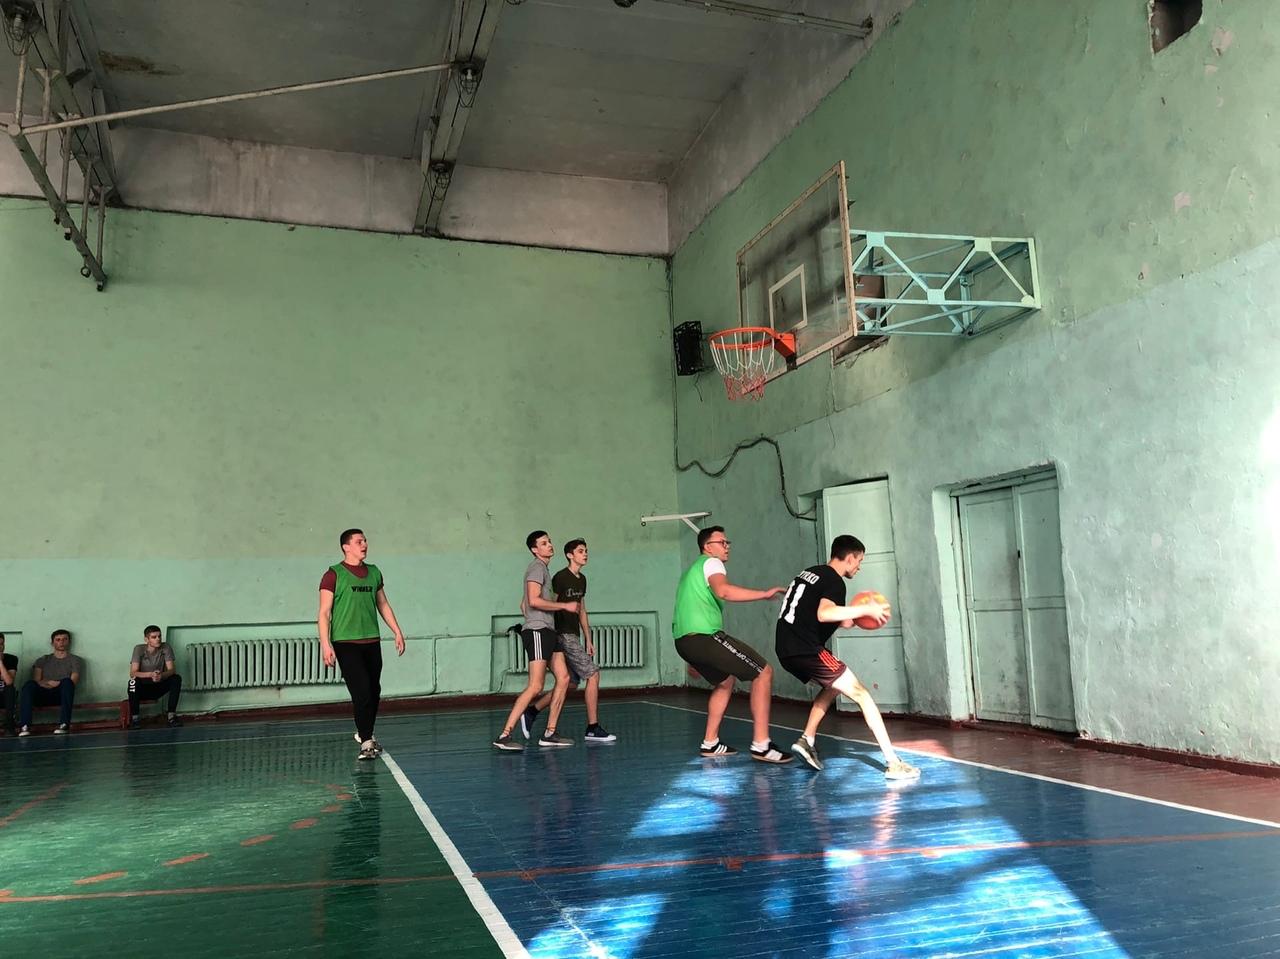 Сегодня, 3 марта 2020 года, в Донецкой академии транспорта прошли соревнования по баскетболу